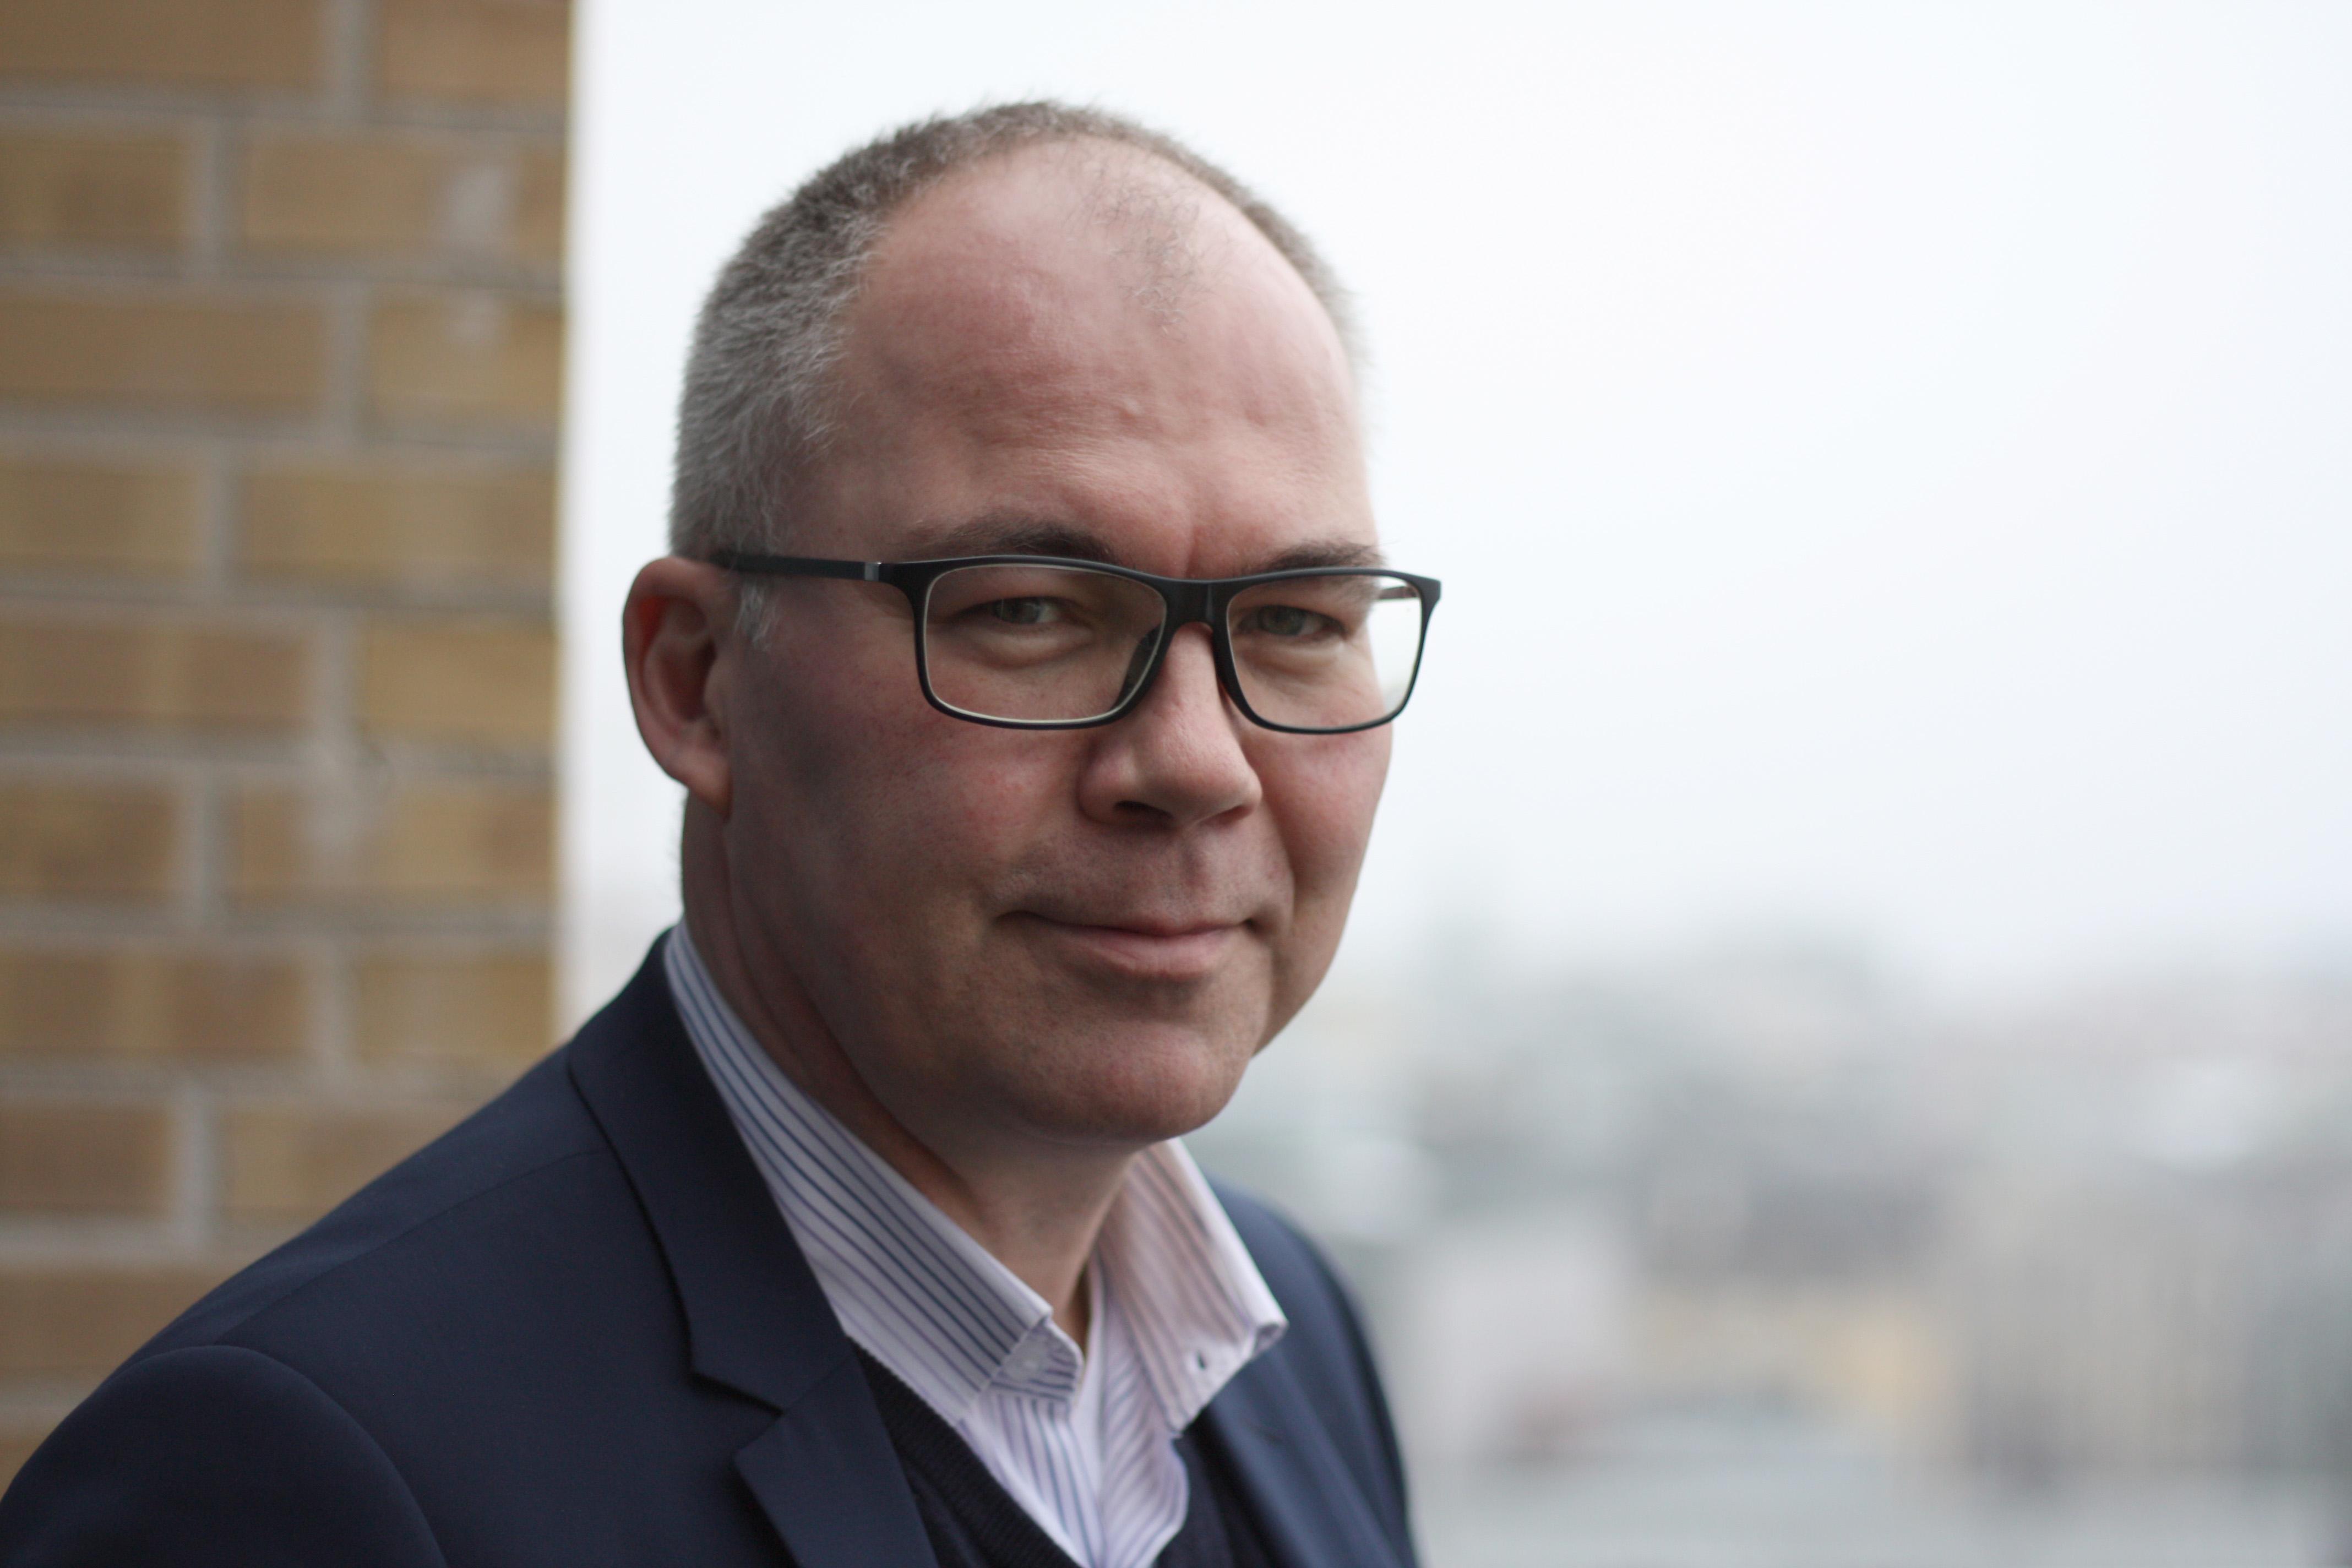 Direktør for NAV Kontroll, Ole Johan Heir, sier at selv om de aller fleste er lovlydige, er det viktig at NAV følger med på om de velferdsordningene blir misbrukt. (Foto: Beate Løwald Solberg)